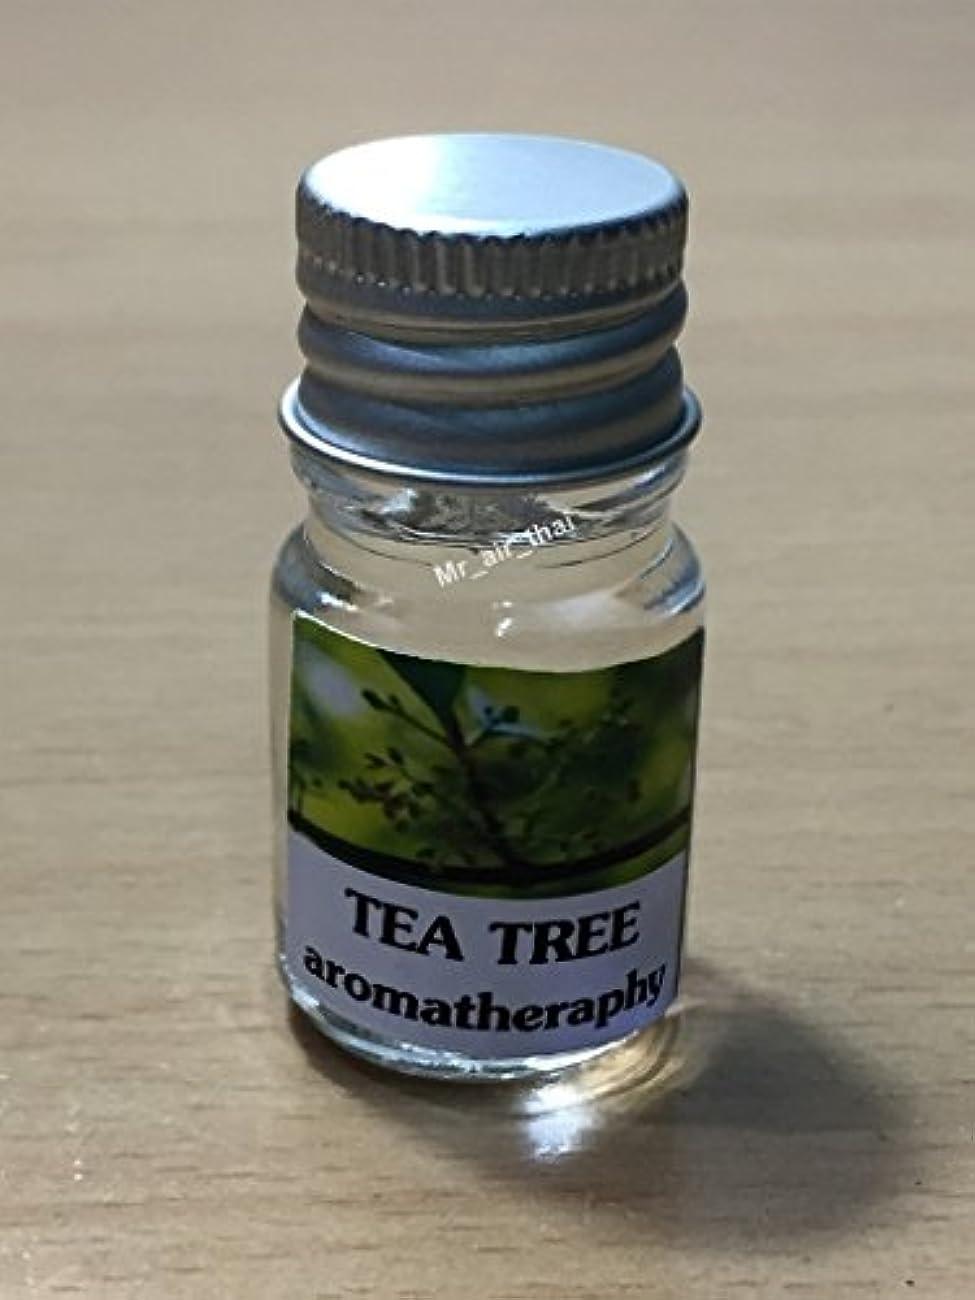 何かオッズ気分5ミリリットルアロマティーツリーフランクインセンスエッセンシャルオイルボトルアロマテラピーオイル自然自然5ml Aroma Tea Tree Frankincense Essential Oil Bottles Aromatherapy...